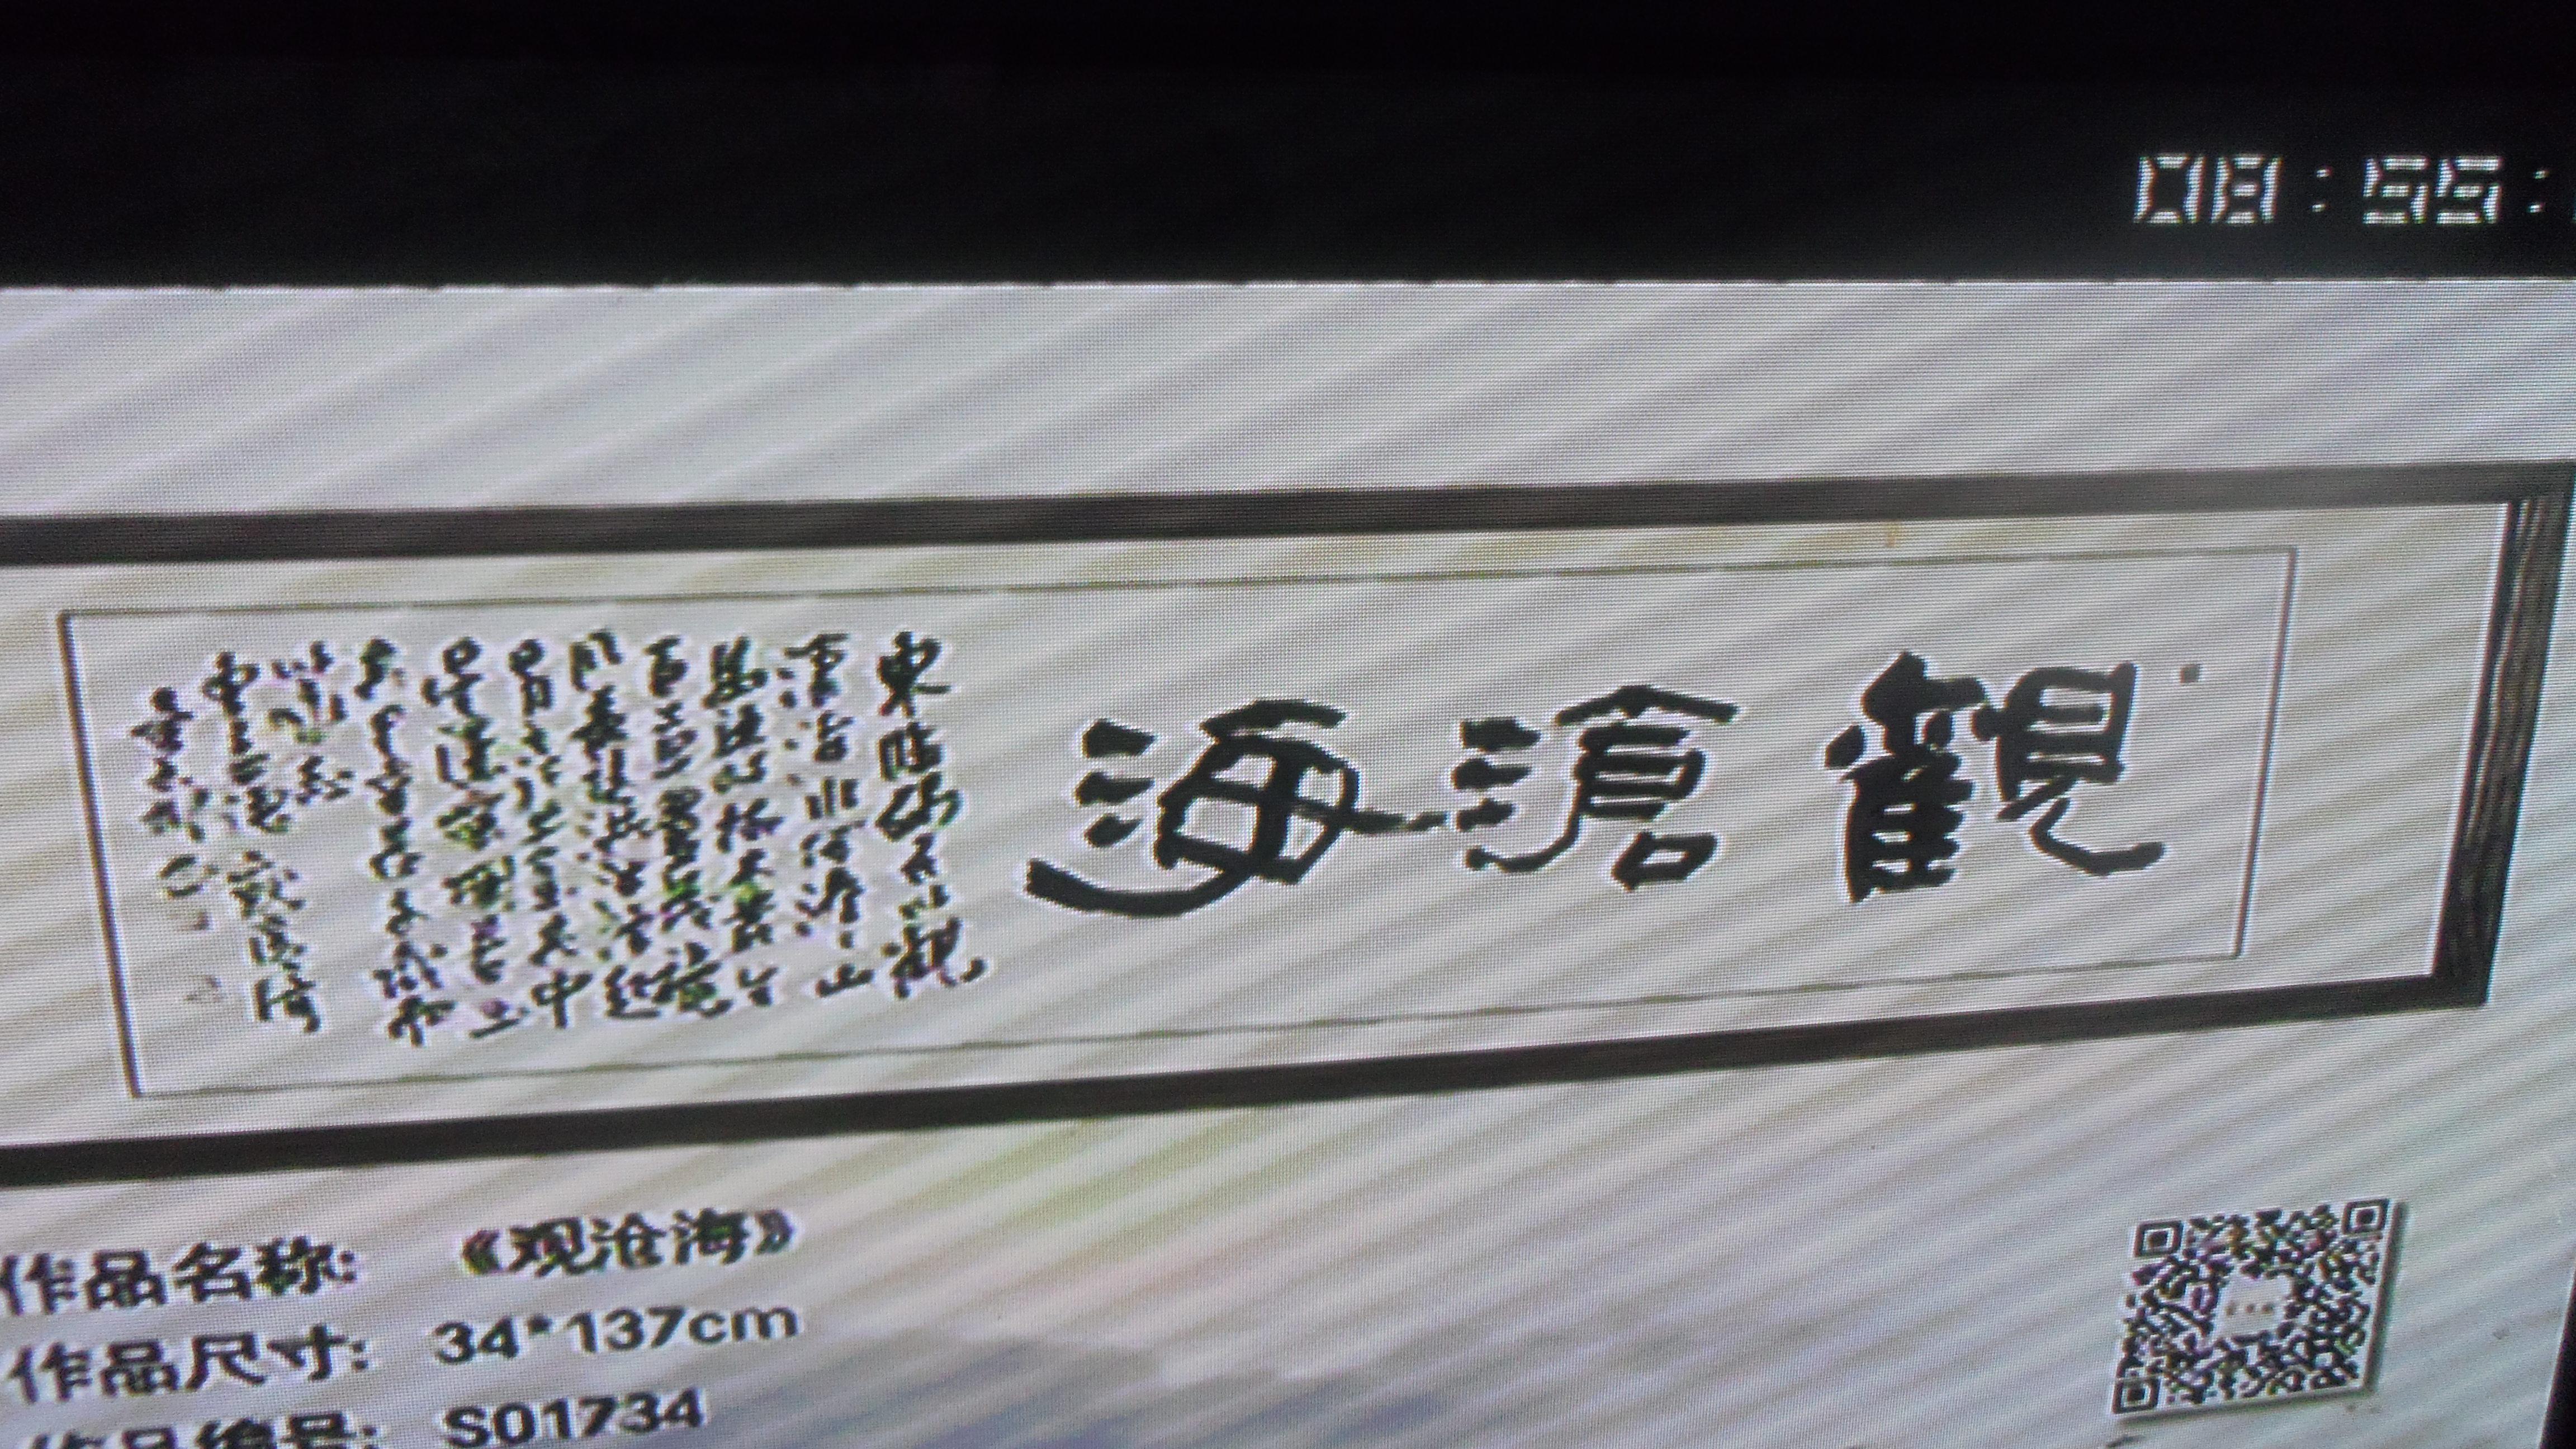 IMGP4674.JPG